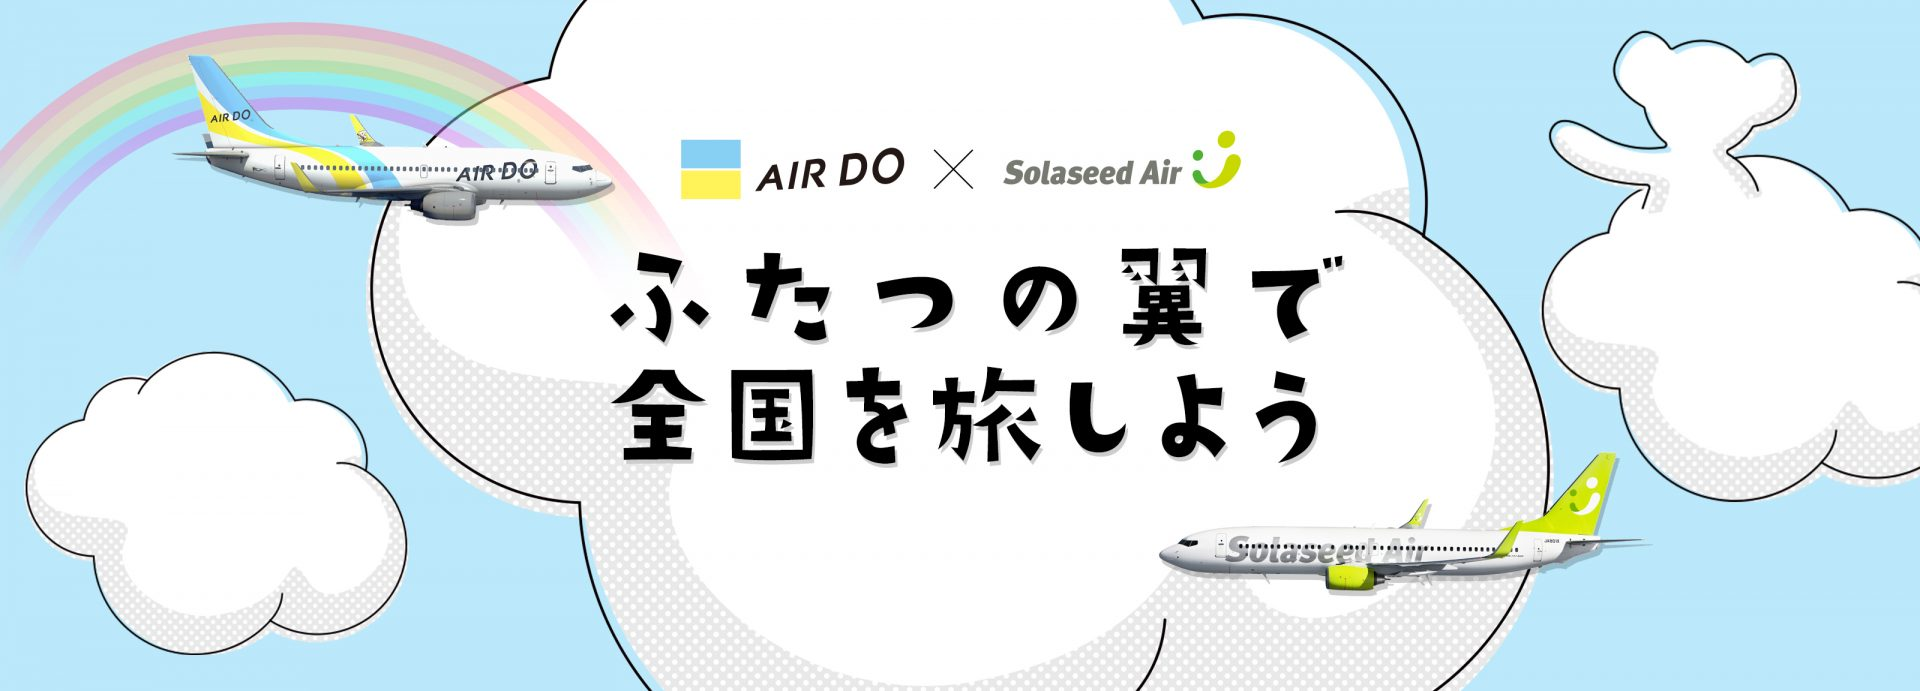 ソラシドエア・airdo